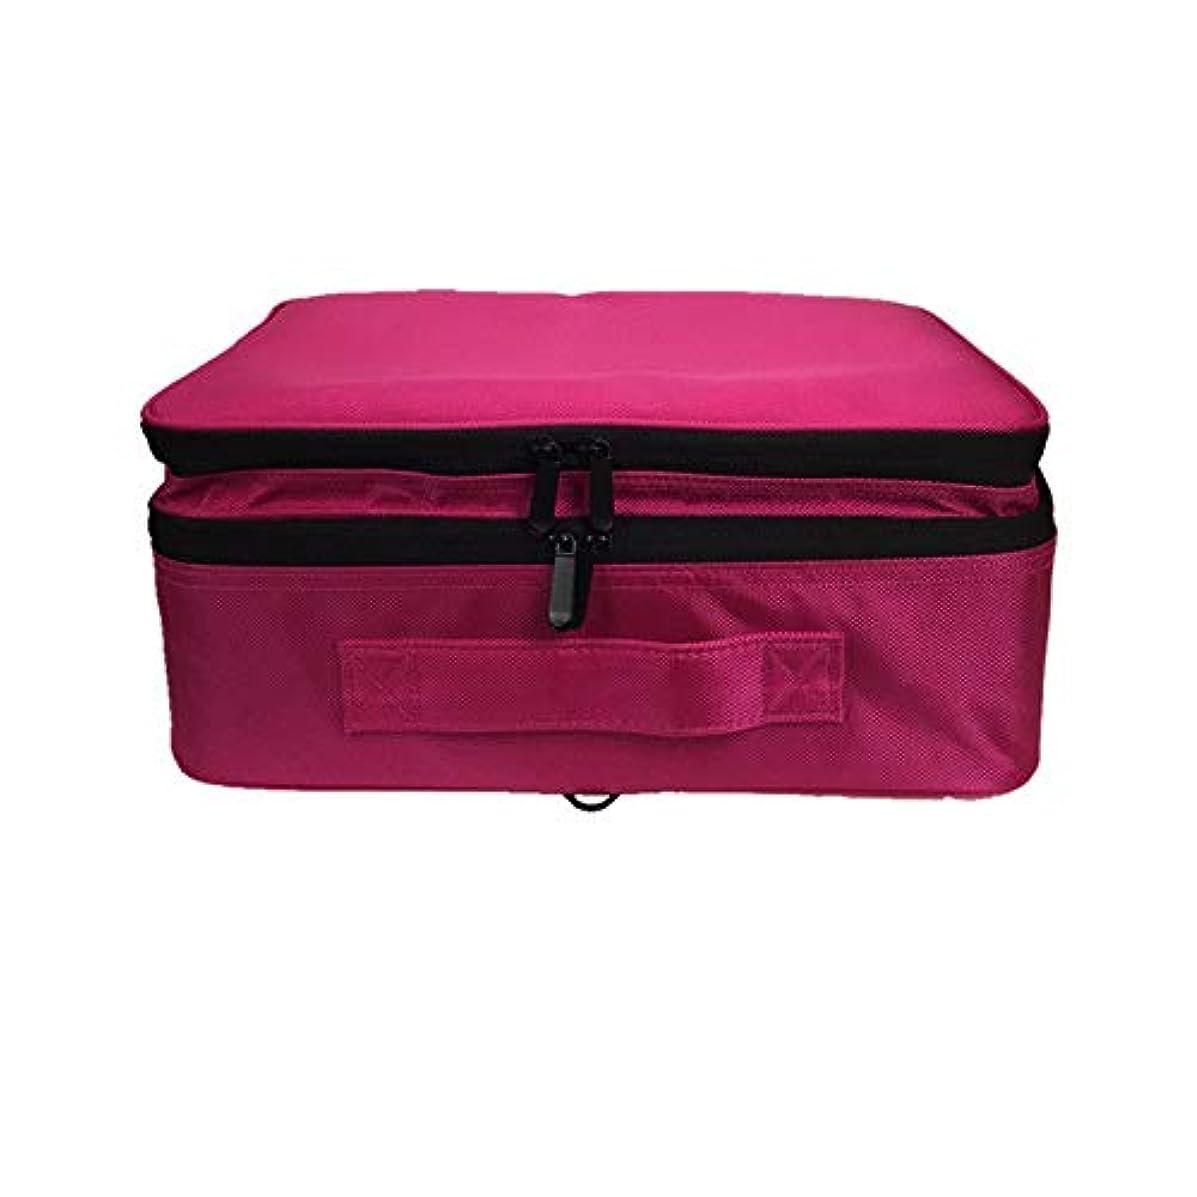 ティッシュ一握り著作権化粧オーガナイザーバッグ 調整可能な仕切り付き防水メイクアップバッグ旅行化粧ケースブラシホルダー 化粧品ケース (色 : 赤)